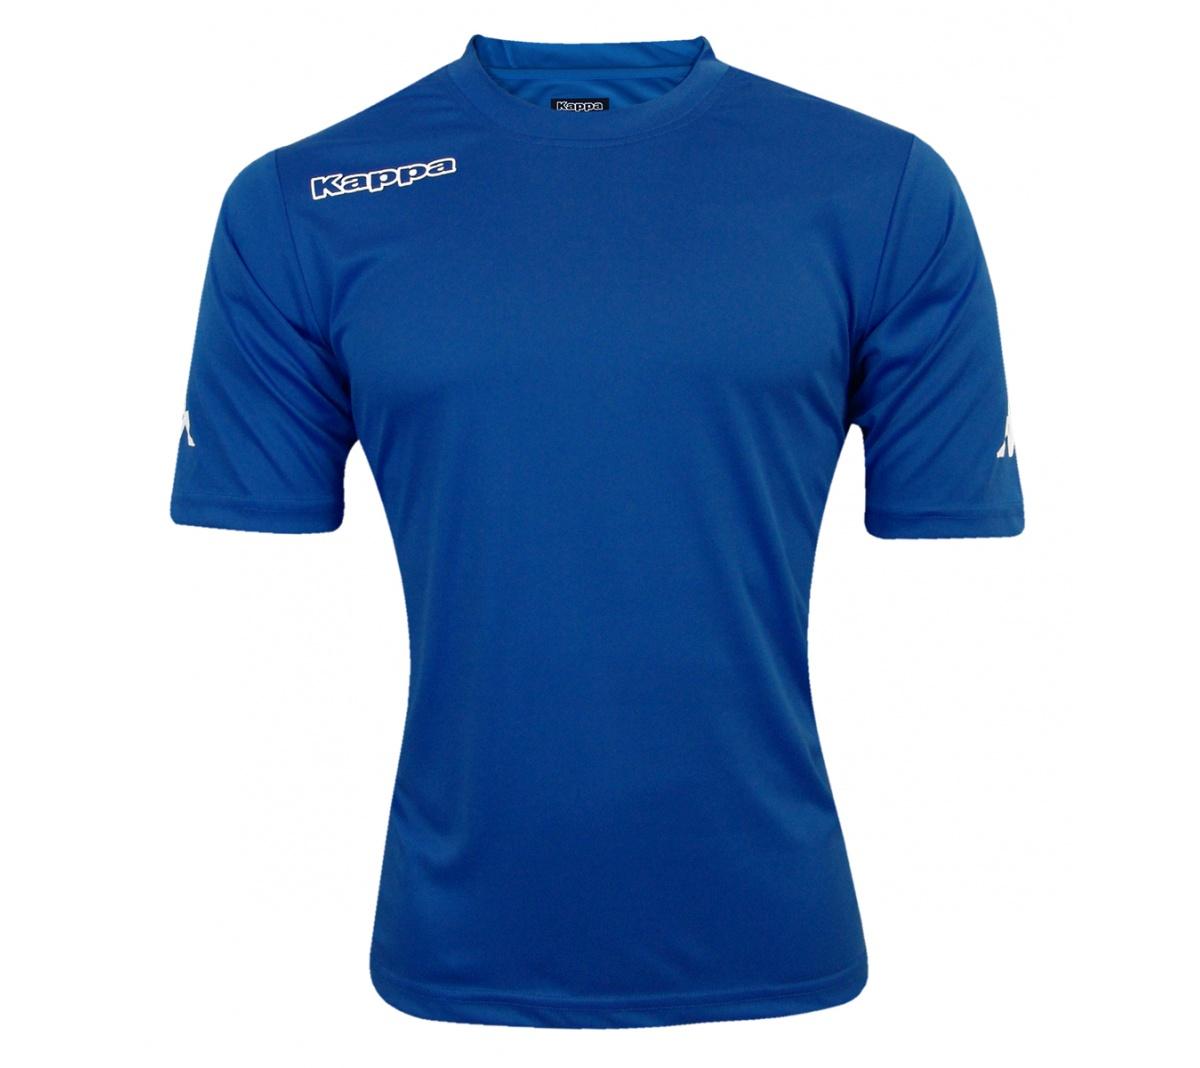 c1e31ad9bd Camisa Kappa Xaron Royal Camisa Kappa Xaron Royal ...